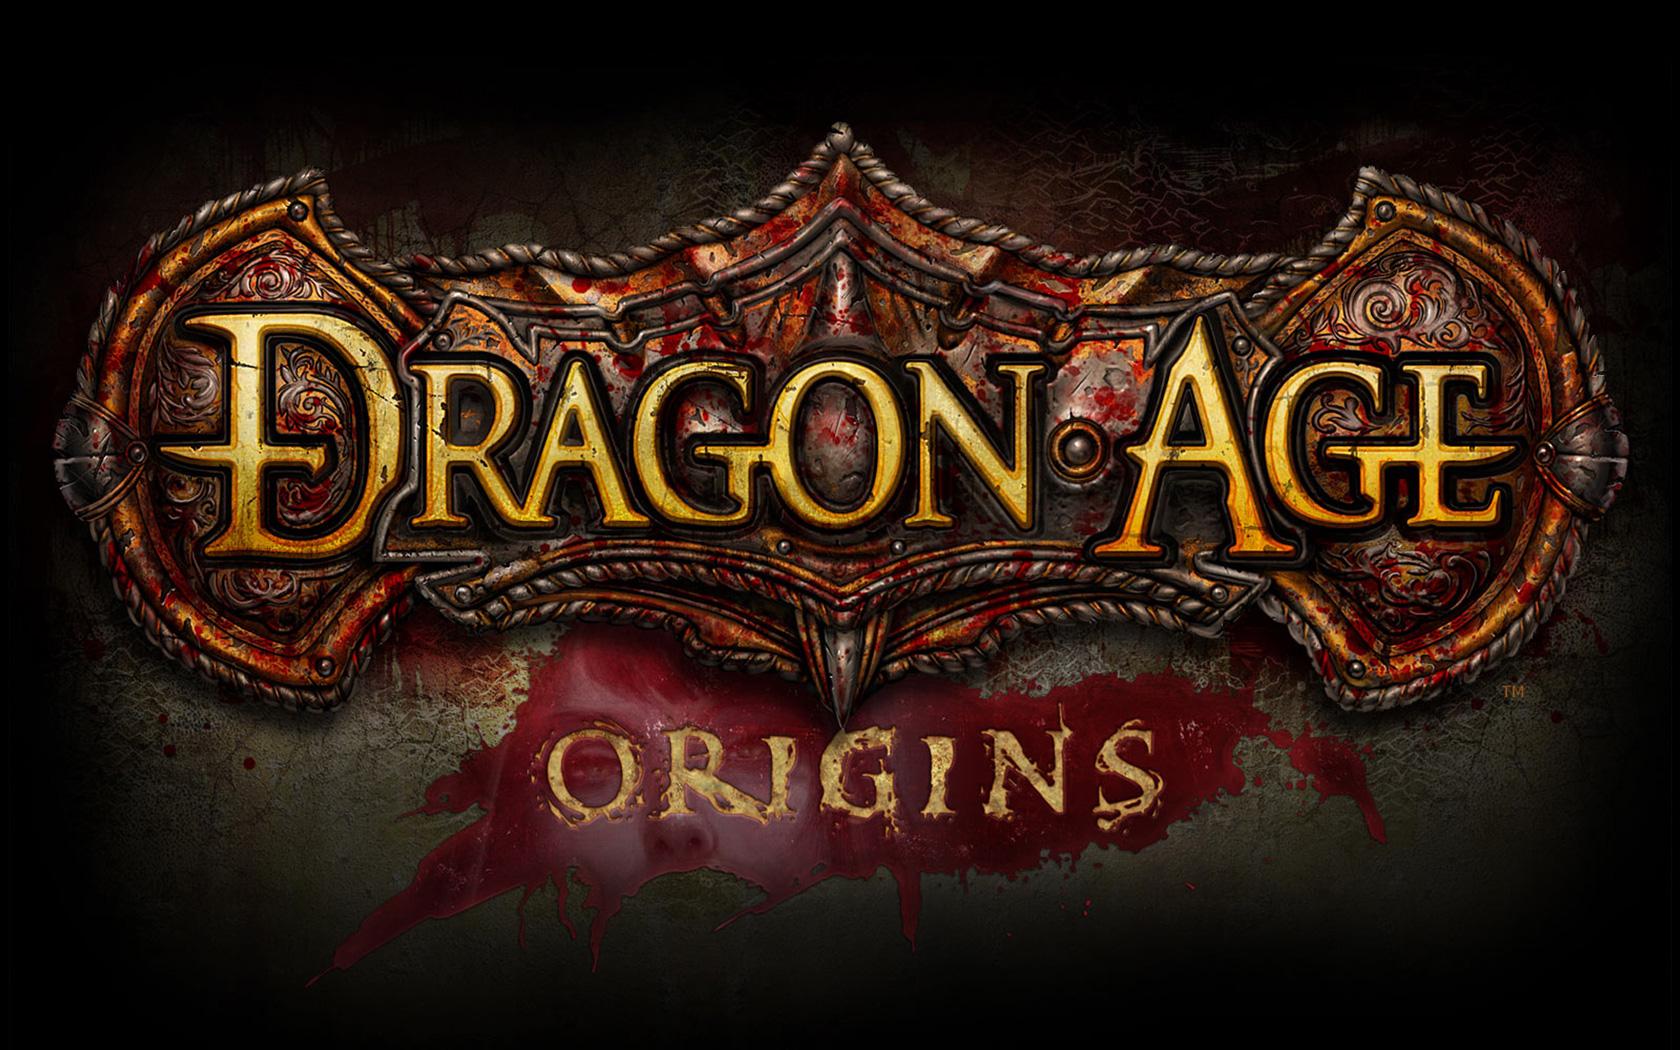 Dragon Age: Origins Wallpaper in 1680x1050